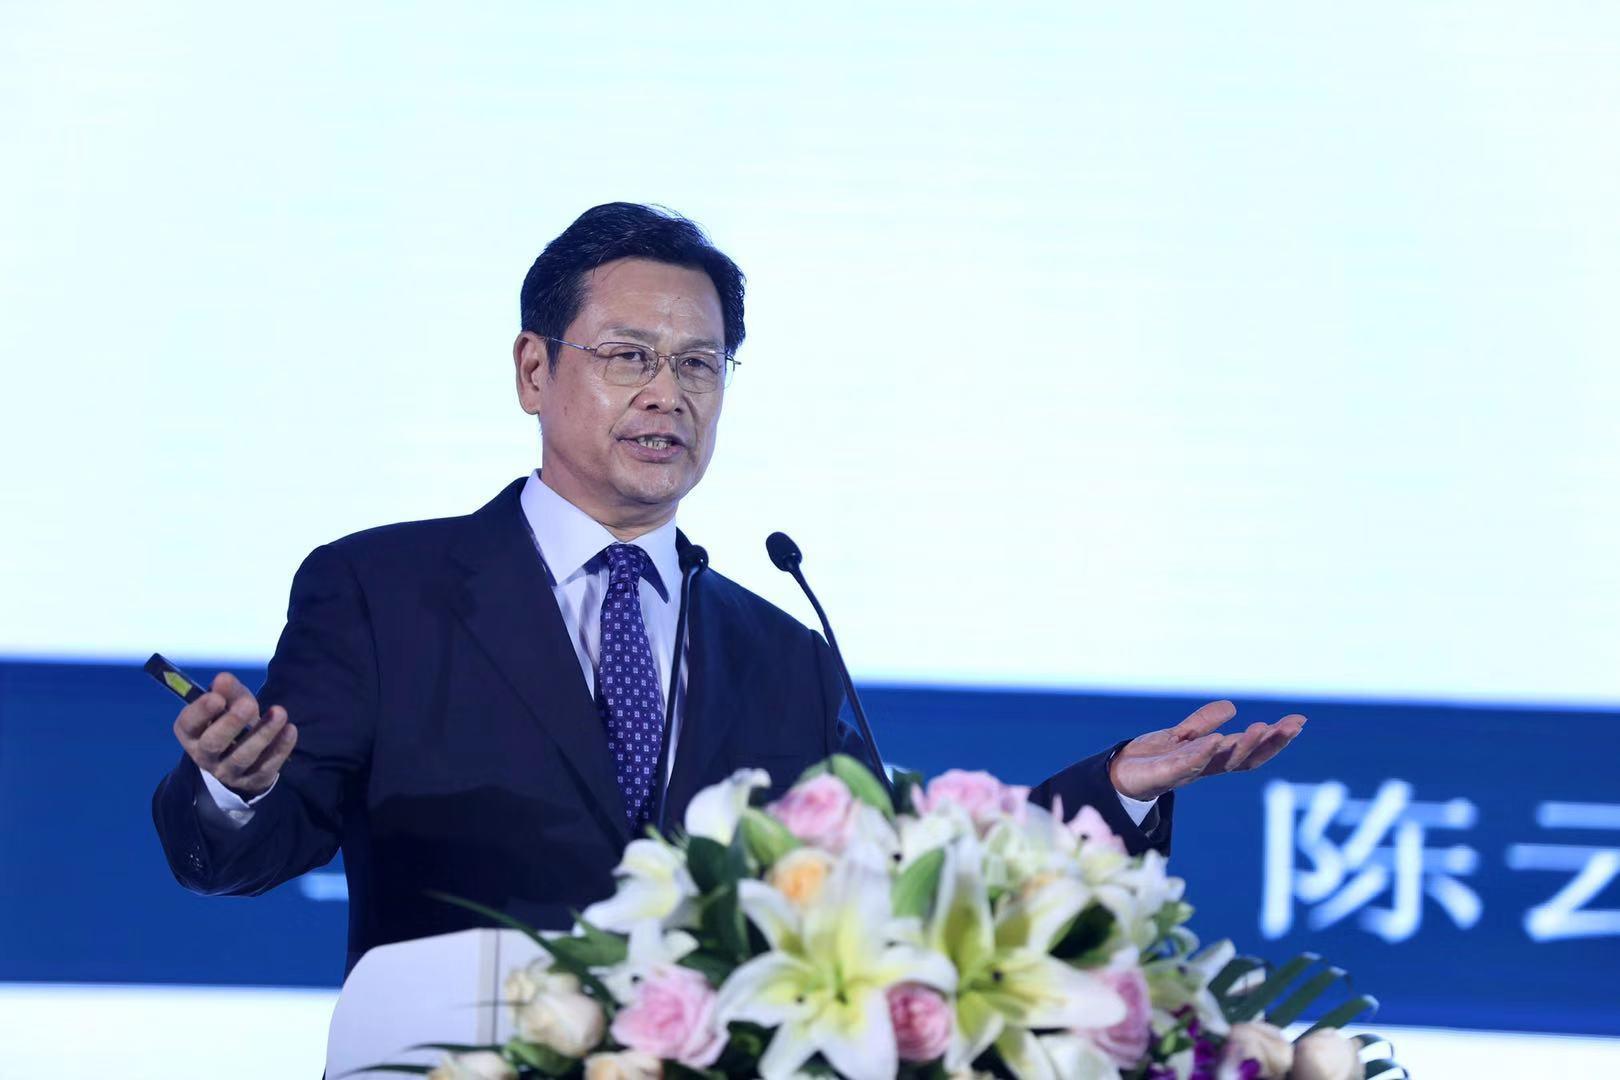 广东省人民政府原副省长陈云贤发表演讲